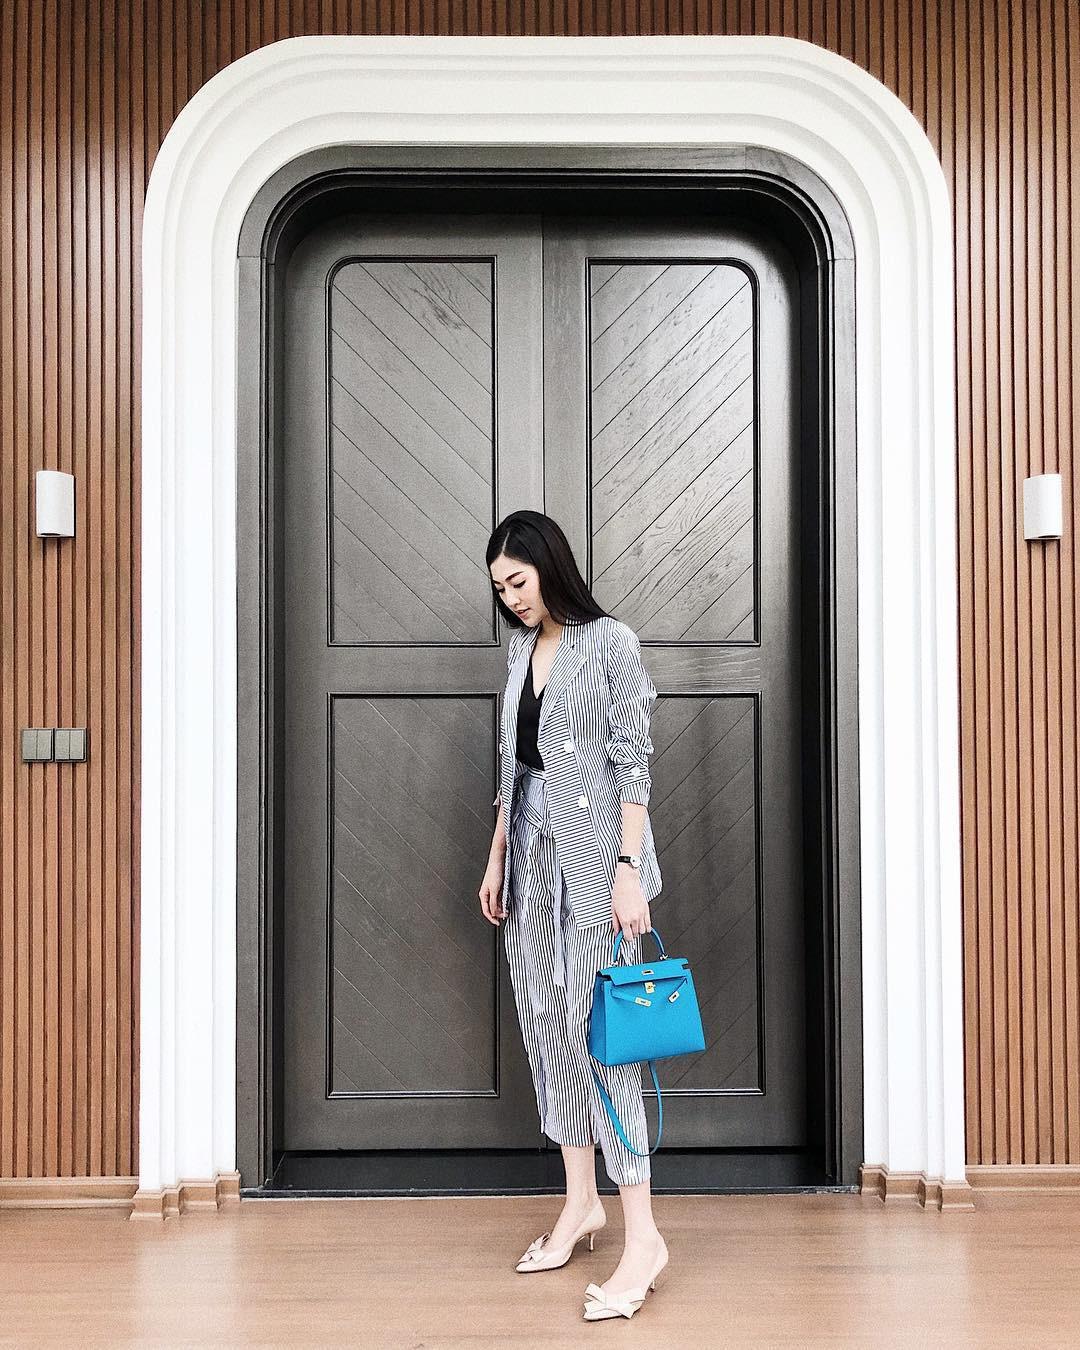 Street style sao Việt tuần này: Hà Hồ - Minh Tú đụng độ ngay thiết kế áo phông trắng giá 300 ngàn - Ảnh 24.